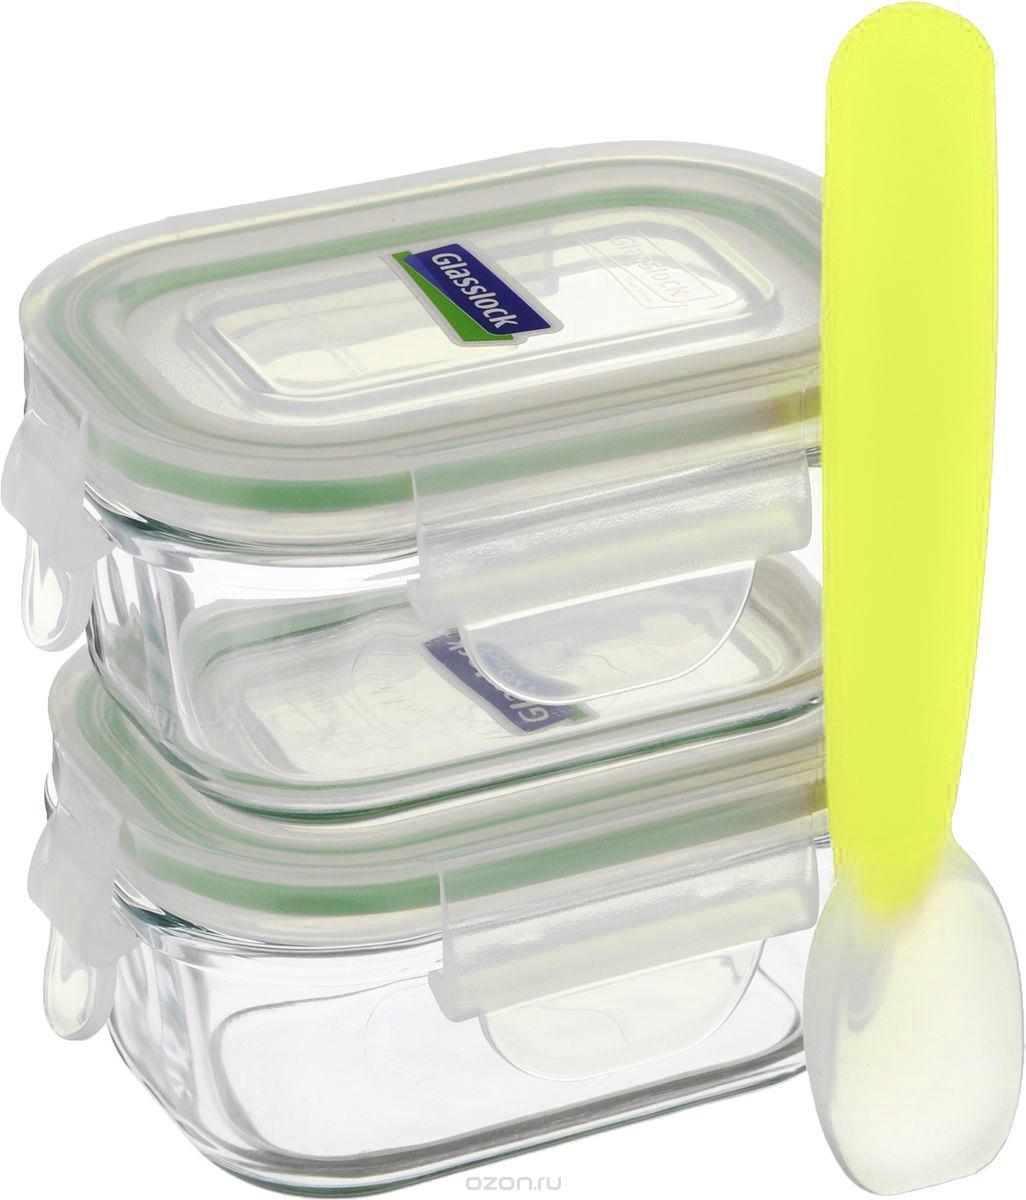 Набор контейнеров Glasslock YumYum, с ложкой, 3 предметаGL-268Набор Glasslock YumYum состоит из двух прямоугольных контейнеров и силиконовой ложки, которые идеально подходят для детского питания. Изделия выполнены из экологически чистого закаленного ударопрочного стекла и оснащены пластиковыми крышками, которые закрываются на защелки. Силиконовый уплотнитель позволяет крышкам плотнее закрываться, создавая 100% герметичность и воздухонепроницаемость. В таких контейнерах пища дольше останется свежей и вкусной. Размер контейнеров идеально подходит для хранения детского питания. Можно мыть в посудомоечной машине и использовать в микроволновой печи. Подходят для хранения пищи в холодильнике и морозильной камере. Не использовать в духовке.Объем контейнеров: 150 мл. Внутренний размер контейнеров: 8,5 х 5,5 см. Высота контейнеров (с крышкой): 5 см.Длина ложки: 14,5 см.Размер рабочей части: 4 х 2,5 см.